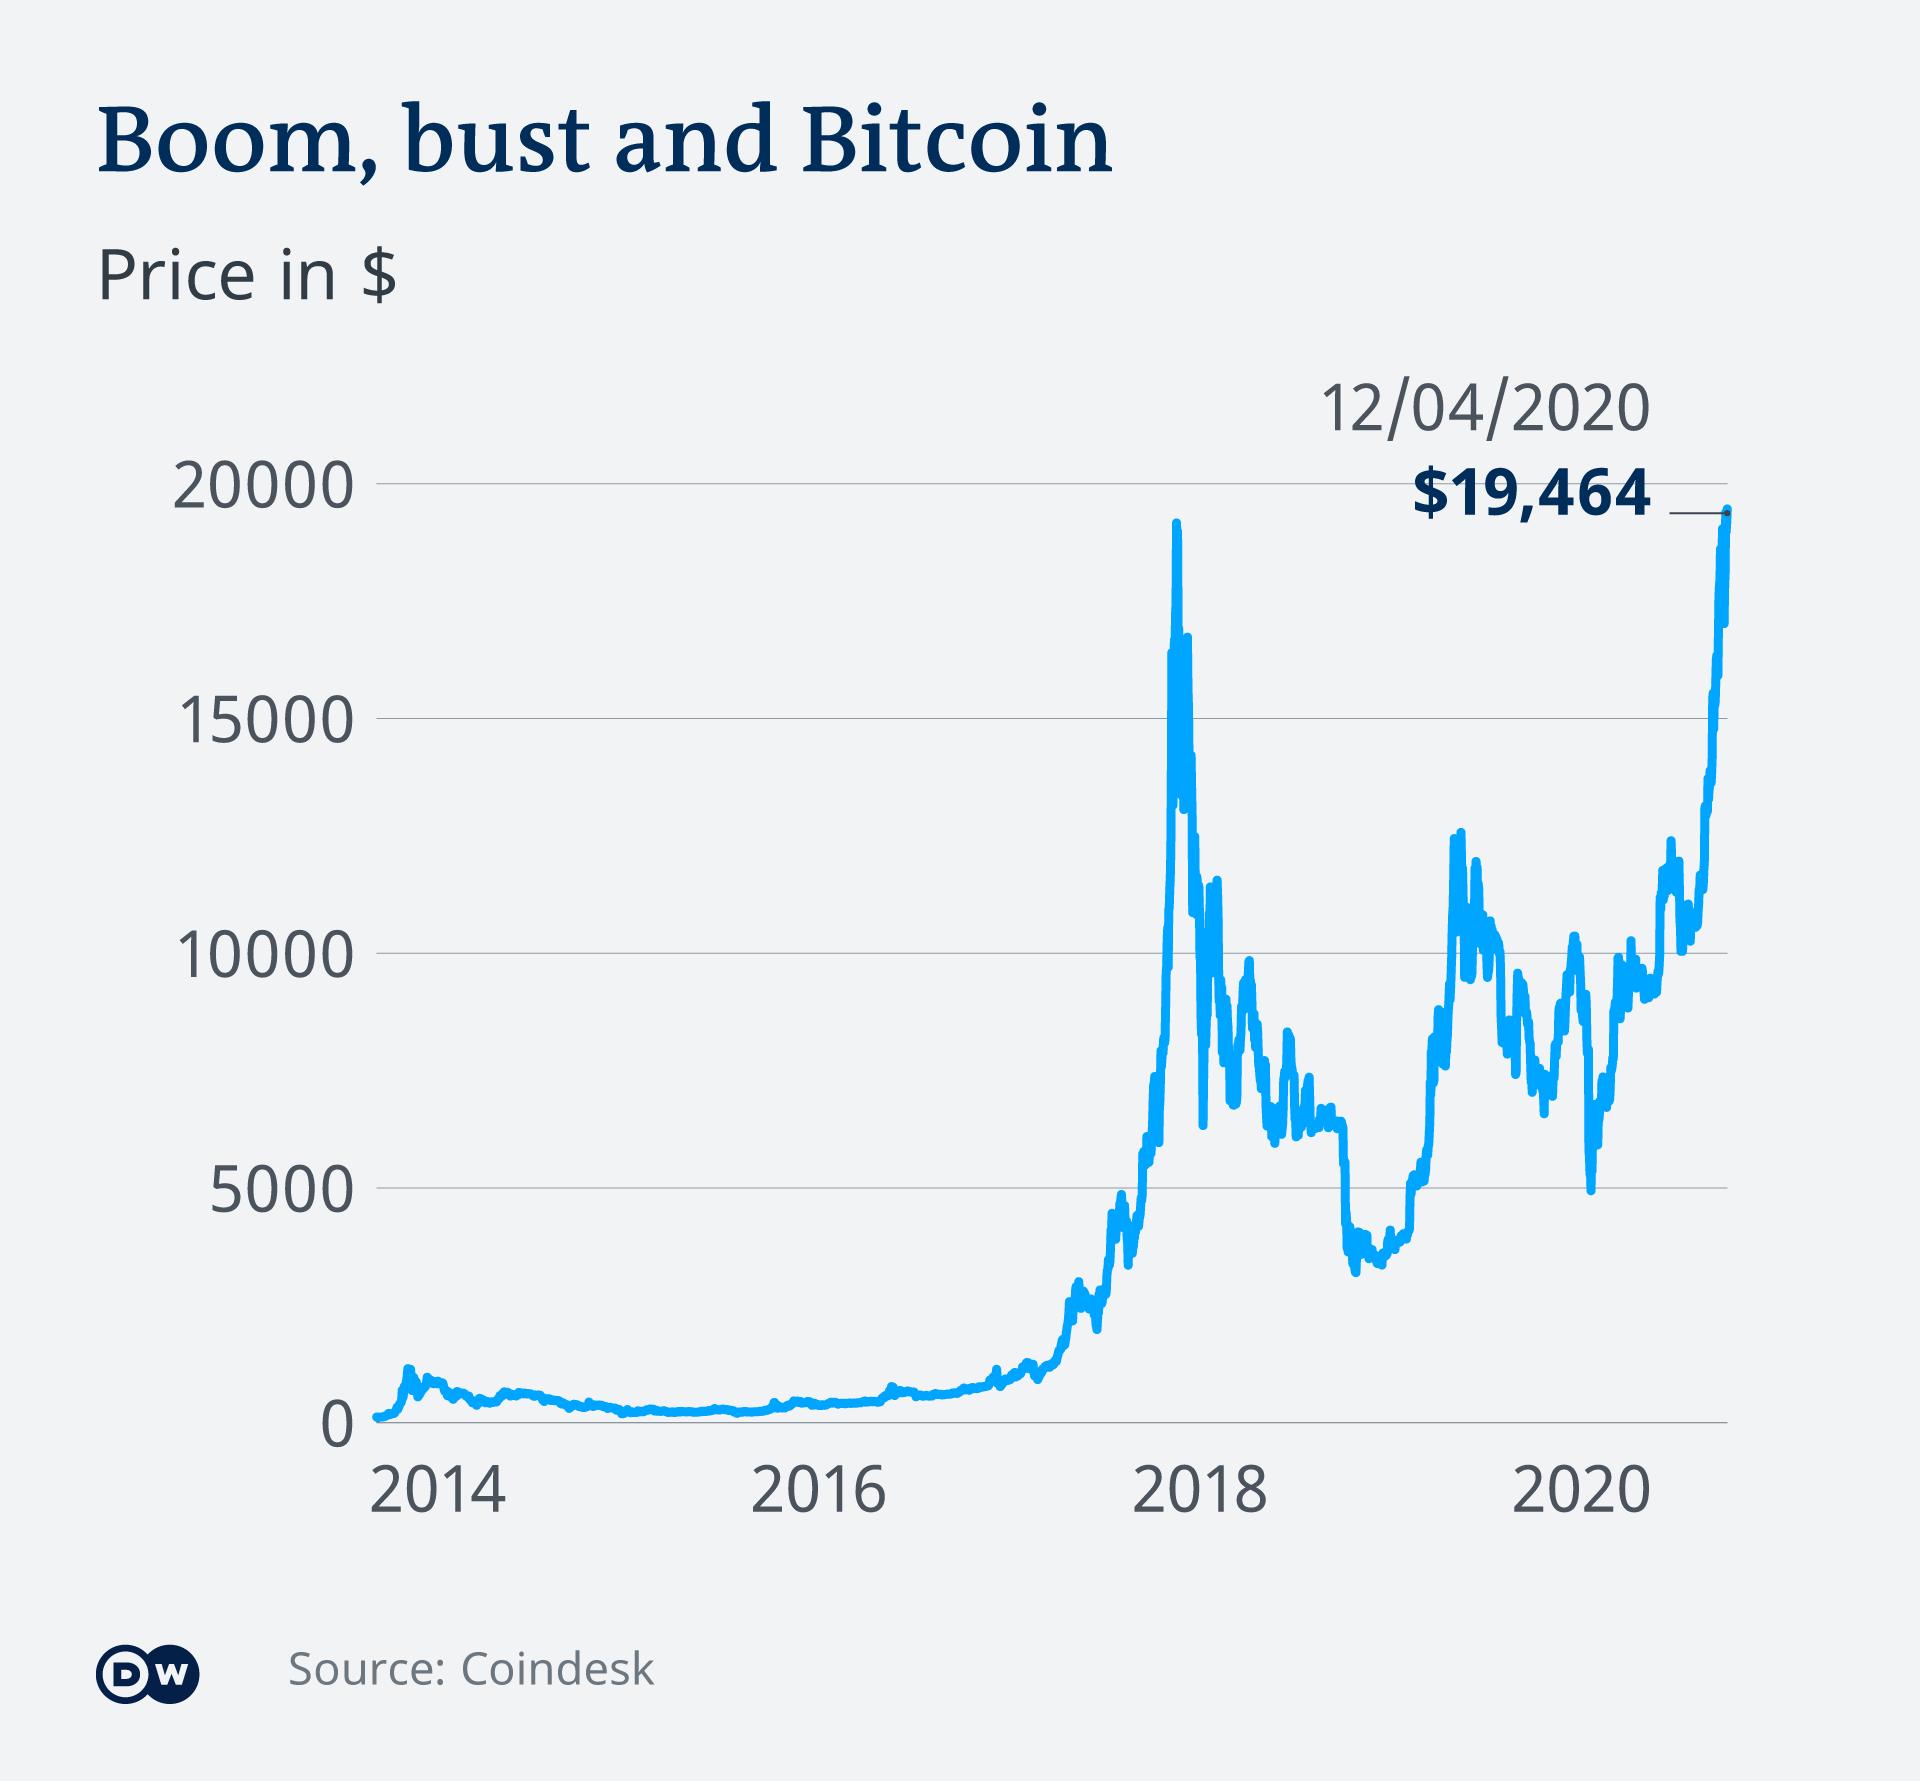 Dove Puoi Guadagnare Bitcoin In Un Mese - Opzione superiore inferiore